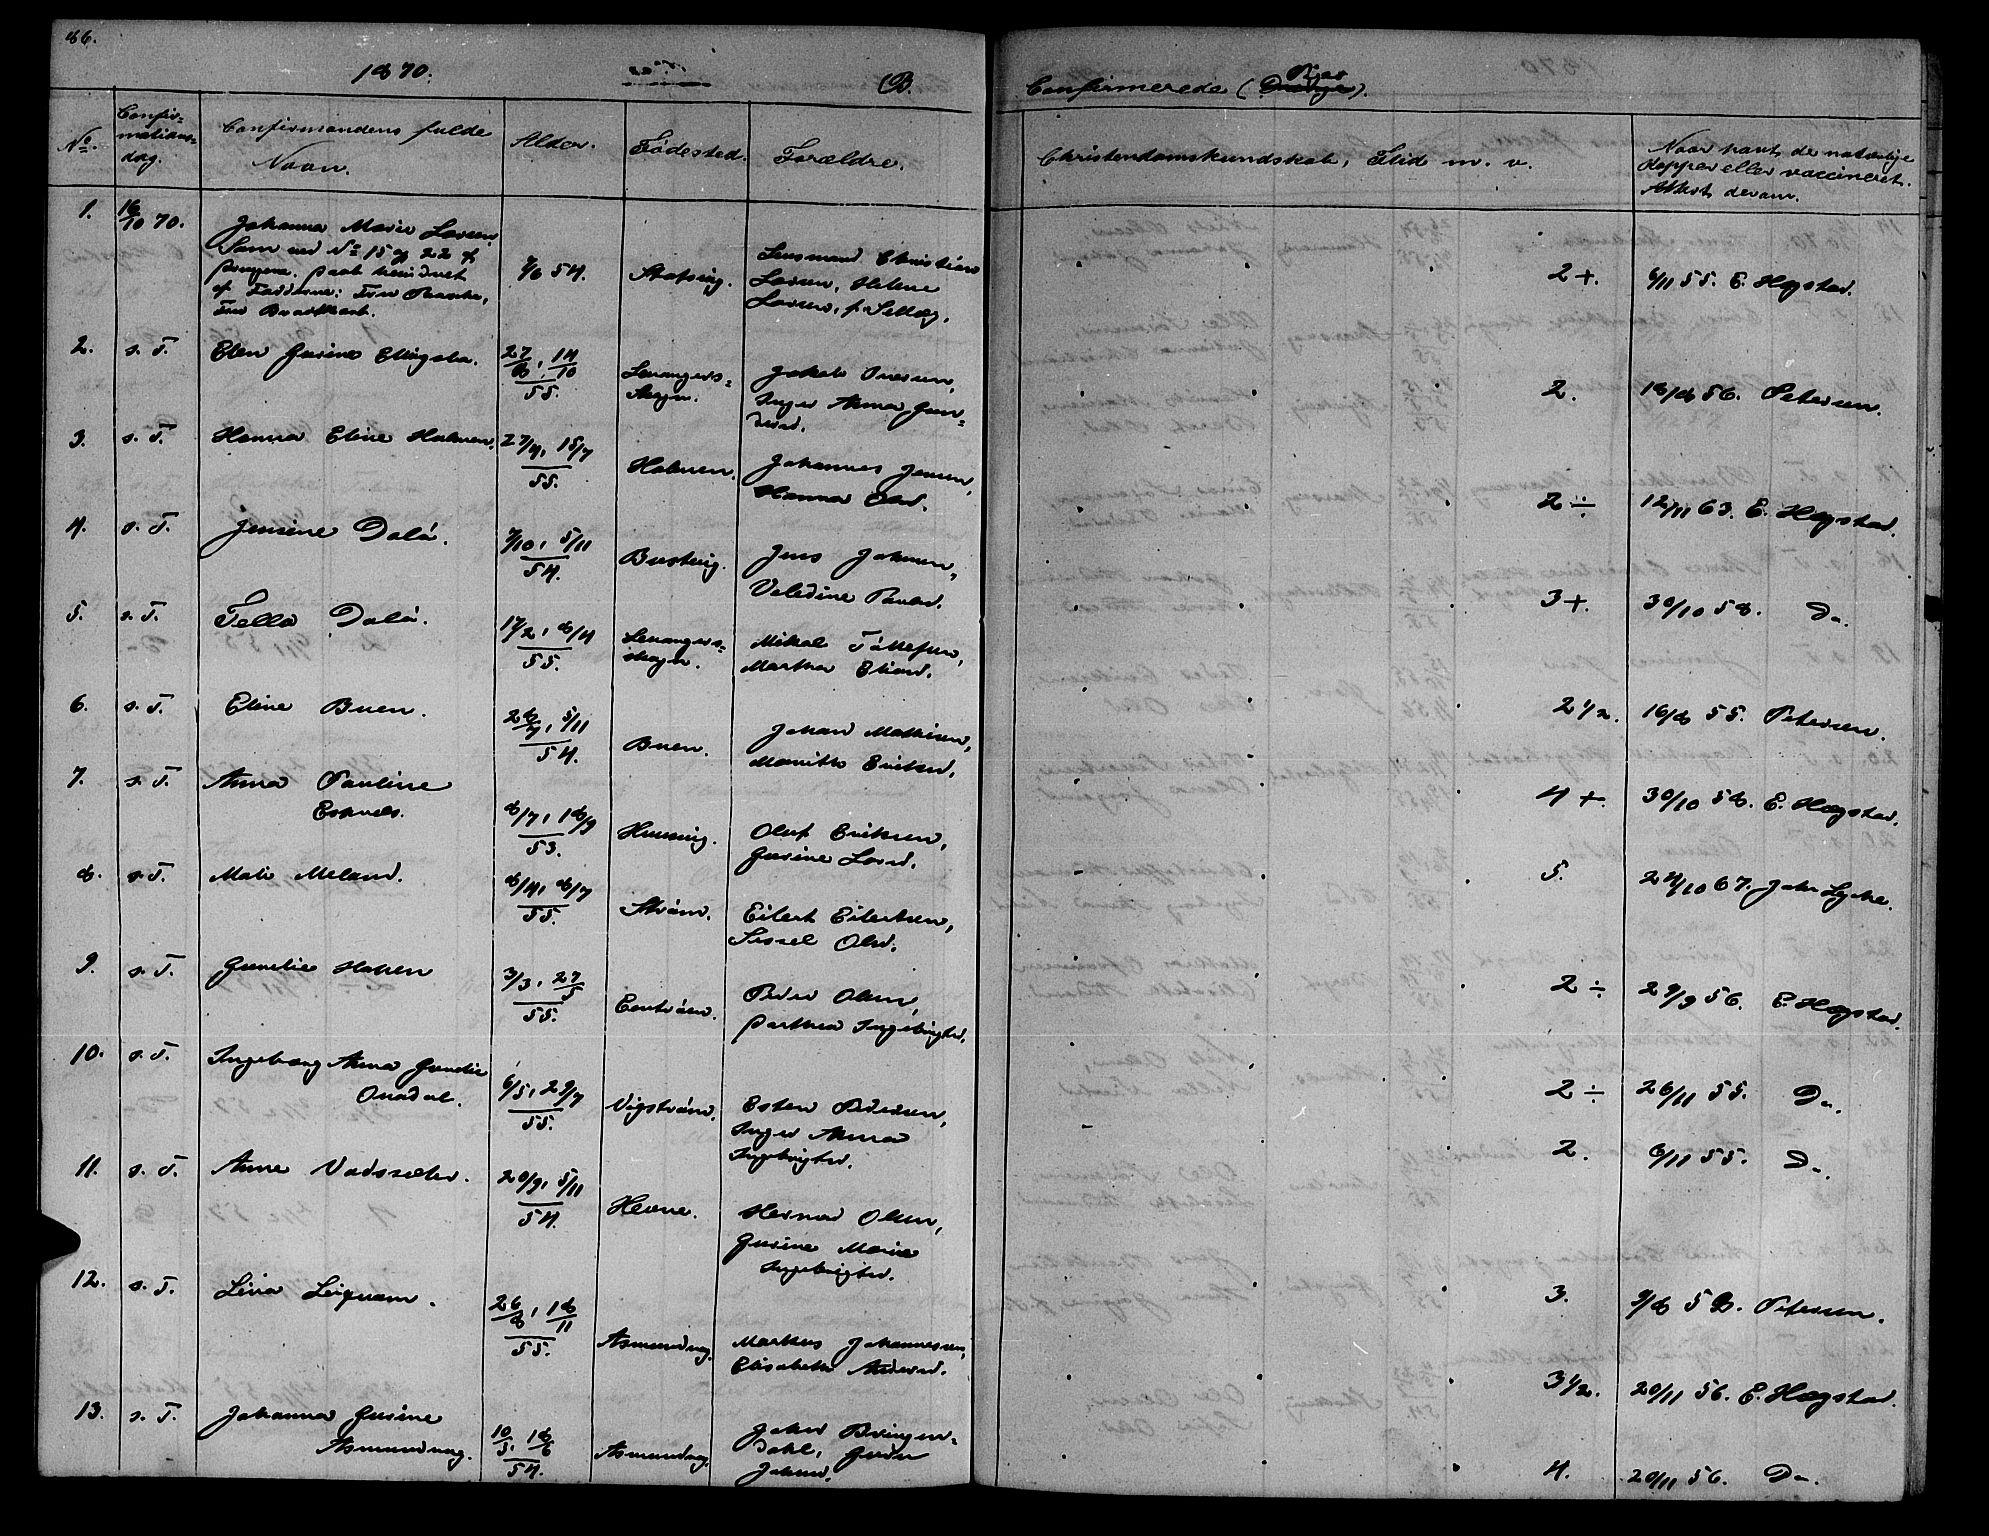 SAT, Ministerialprotokoller, klokkerbøker og fødselsregistre - Sør-Trøndelag, 634/L0539: Klokkerbok nr. 634C01, 1866-1873, s. 86